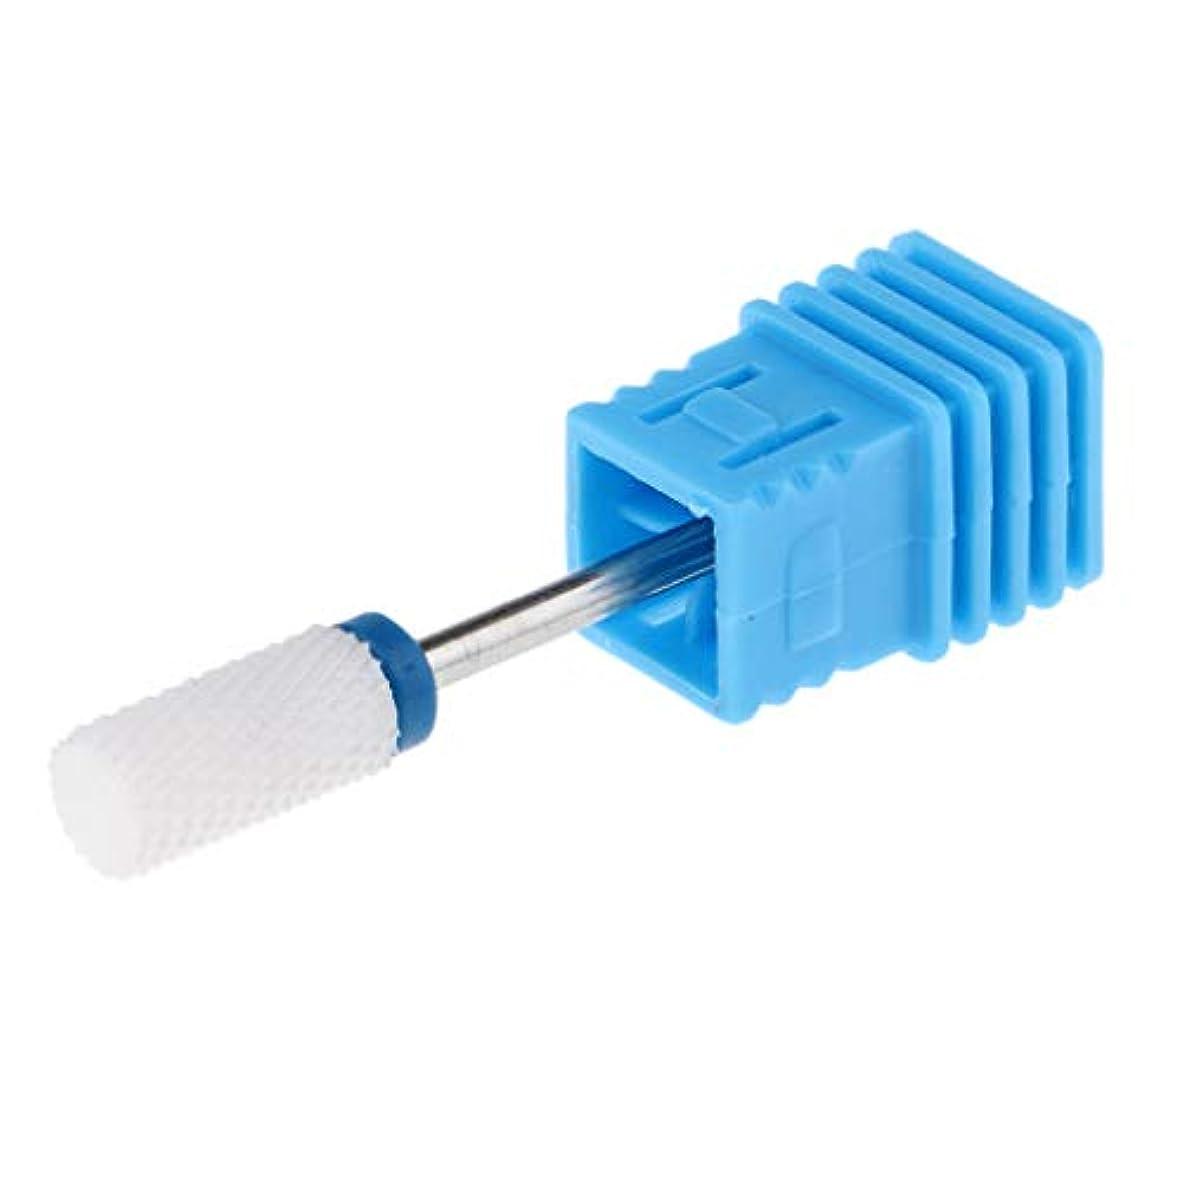 ジュース割る制裁セラミック 研磨ヘッド ネイルドリルビット 電気ネイルマシン マニキュア用 全6選択 - M